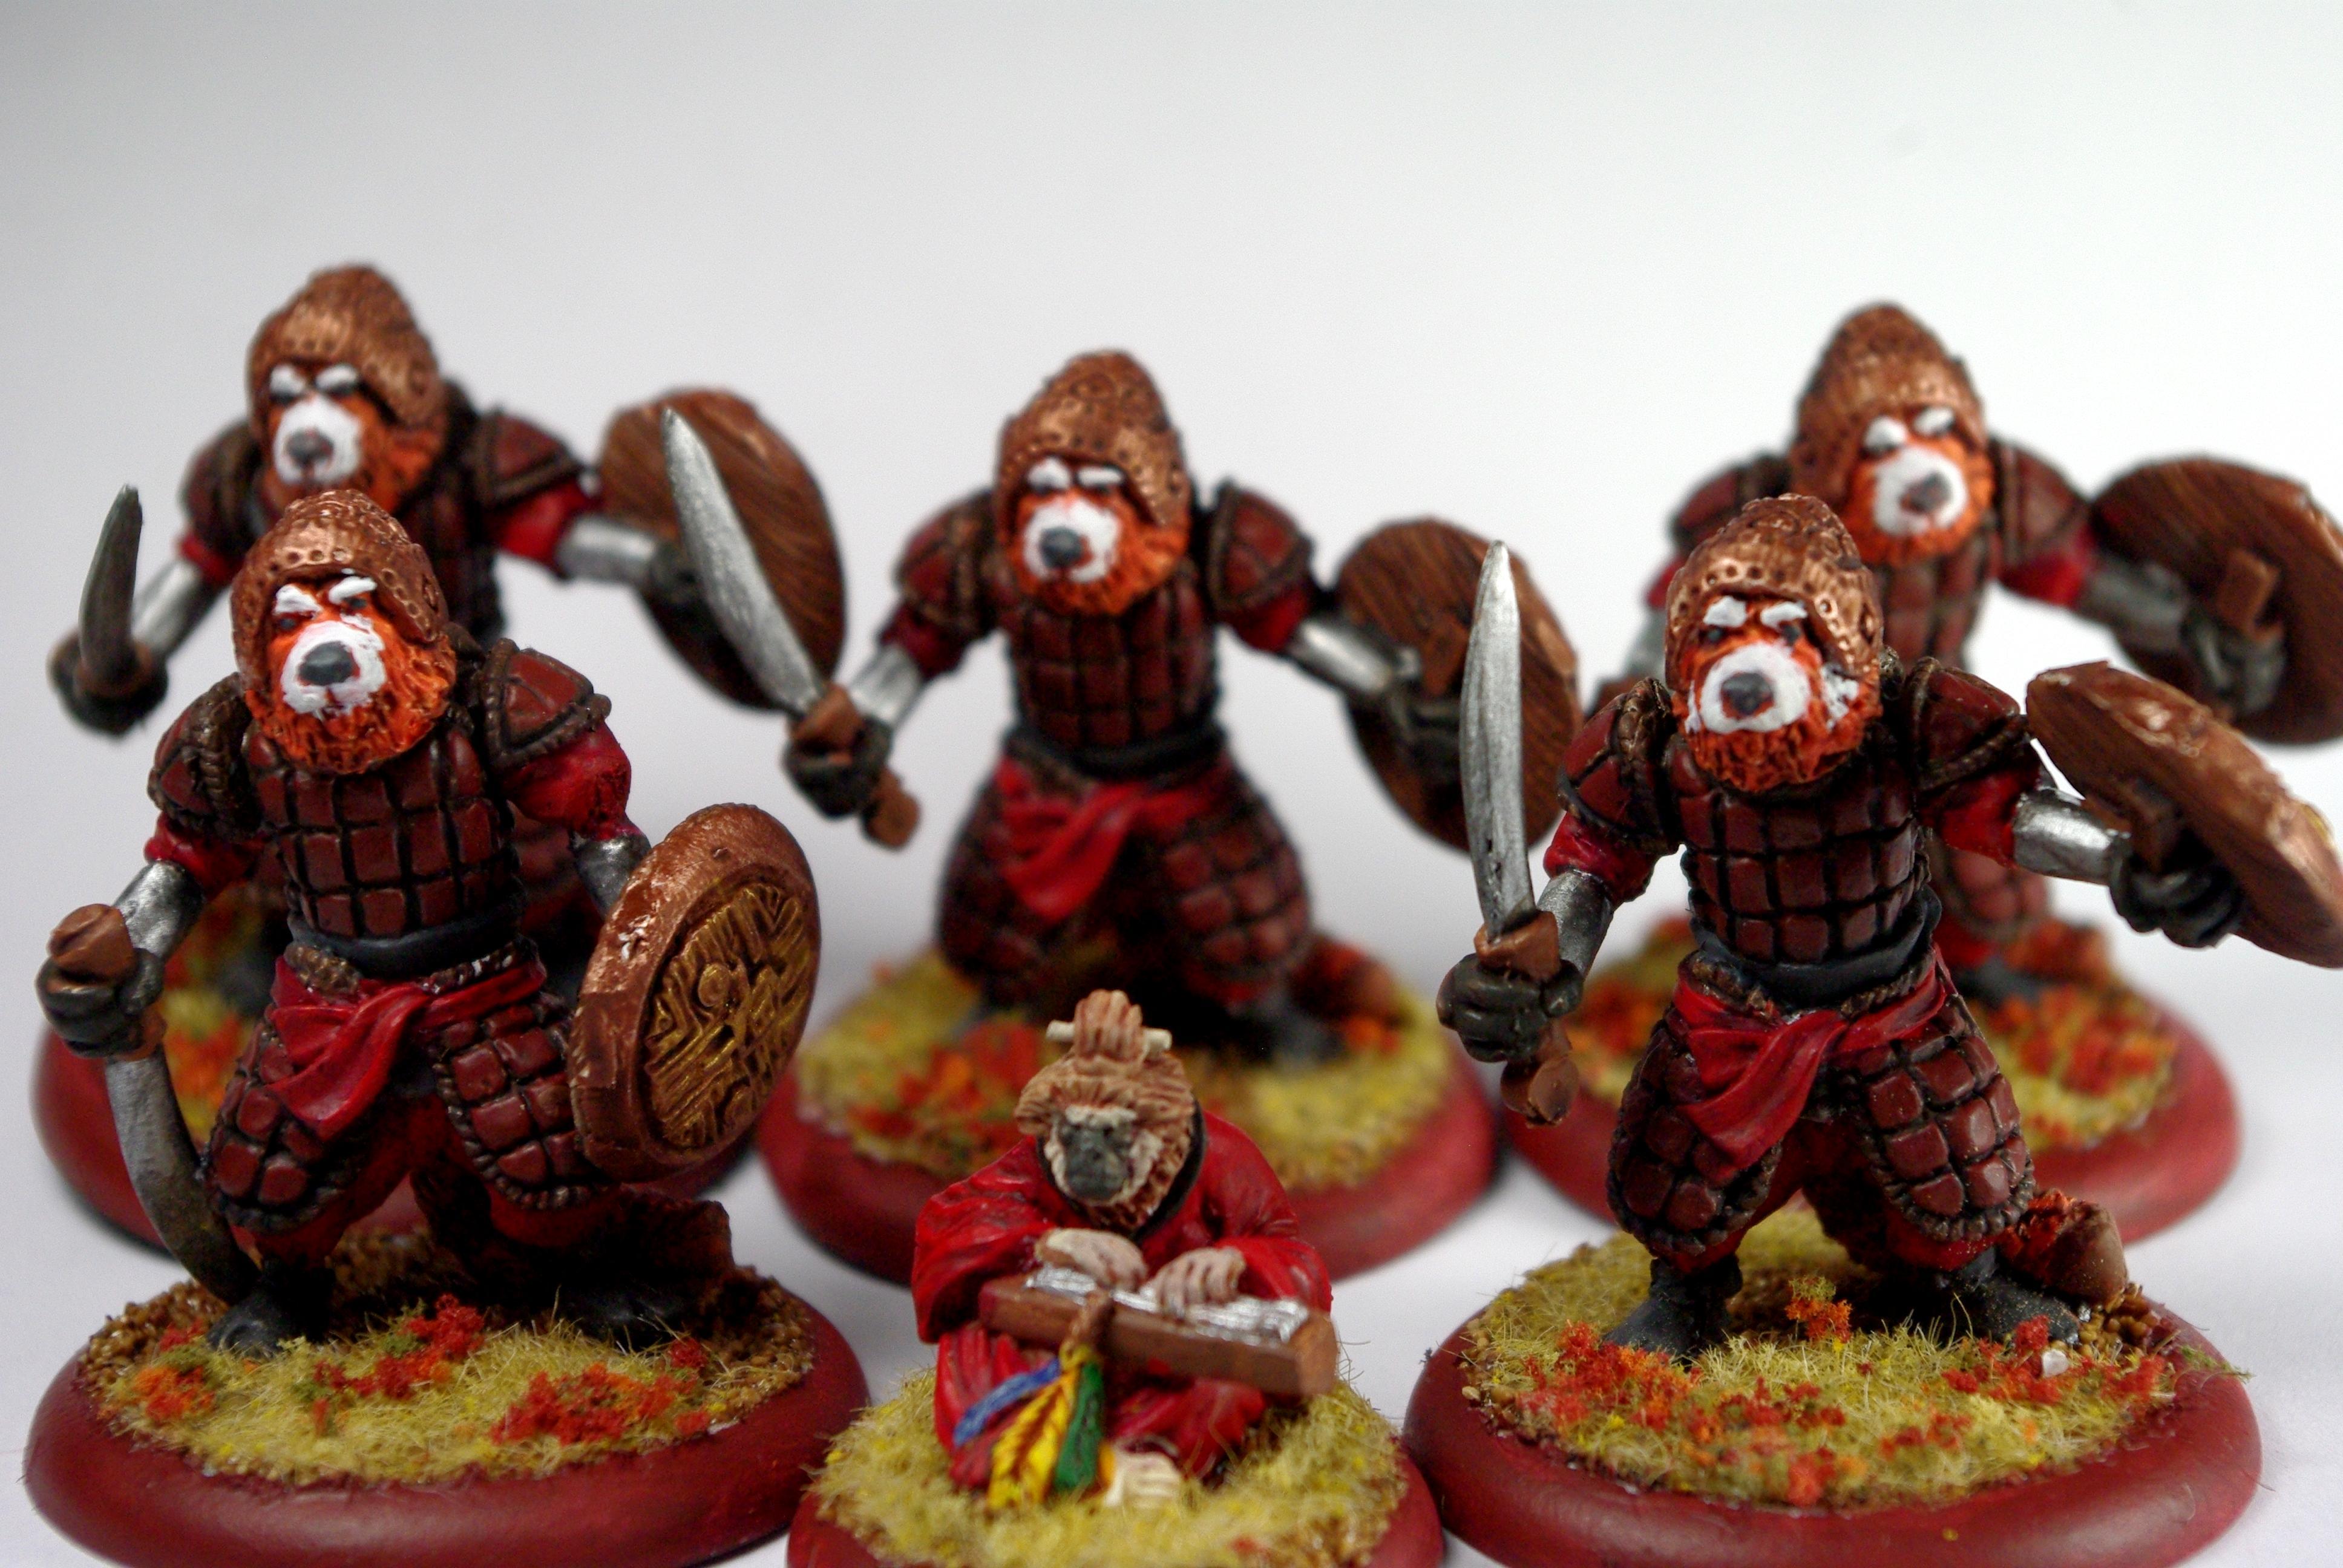 Brushfire, Chugoku, Panda, Red, Red Panda, Red Wu, Wu